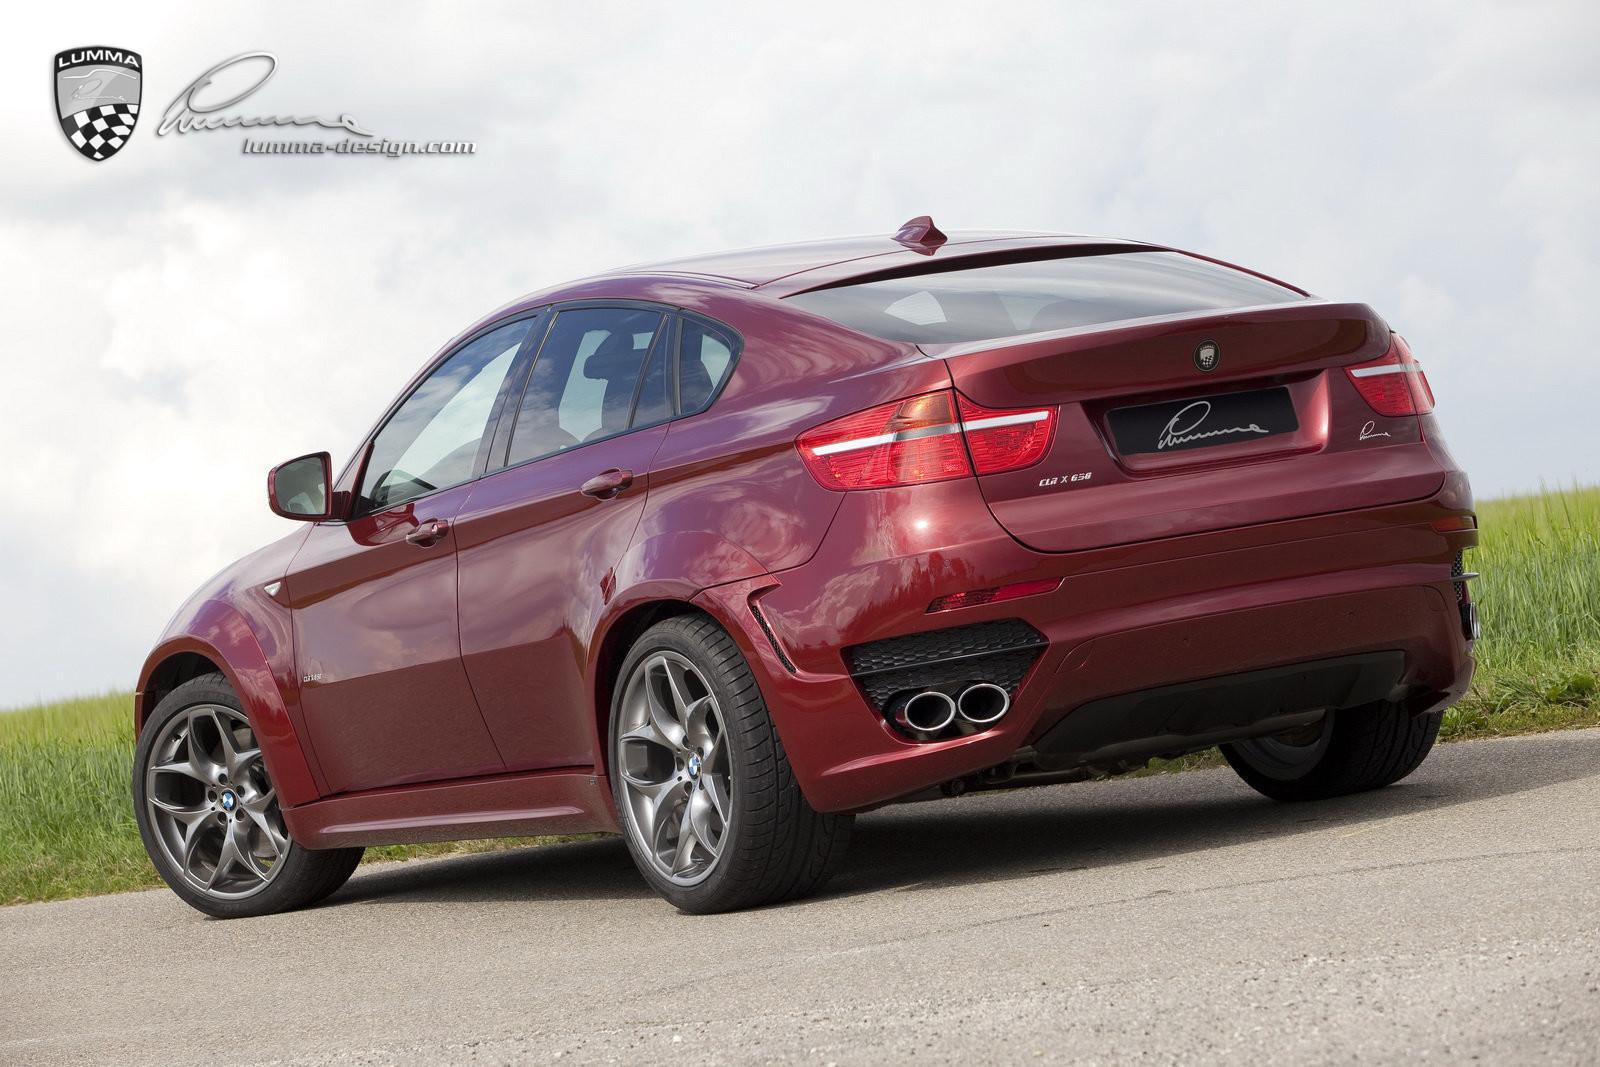 LUMMA CLR X 650 BODY KITS FOR BMW X6 50I E71 2020